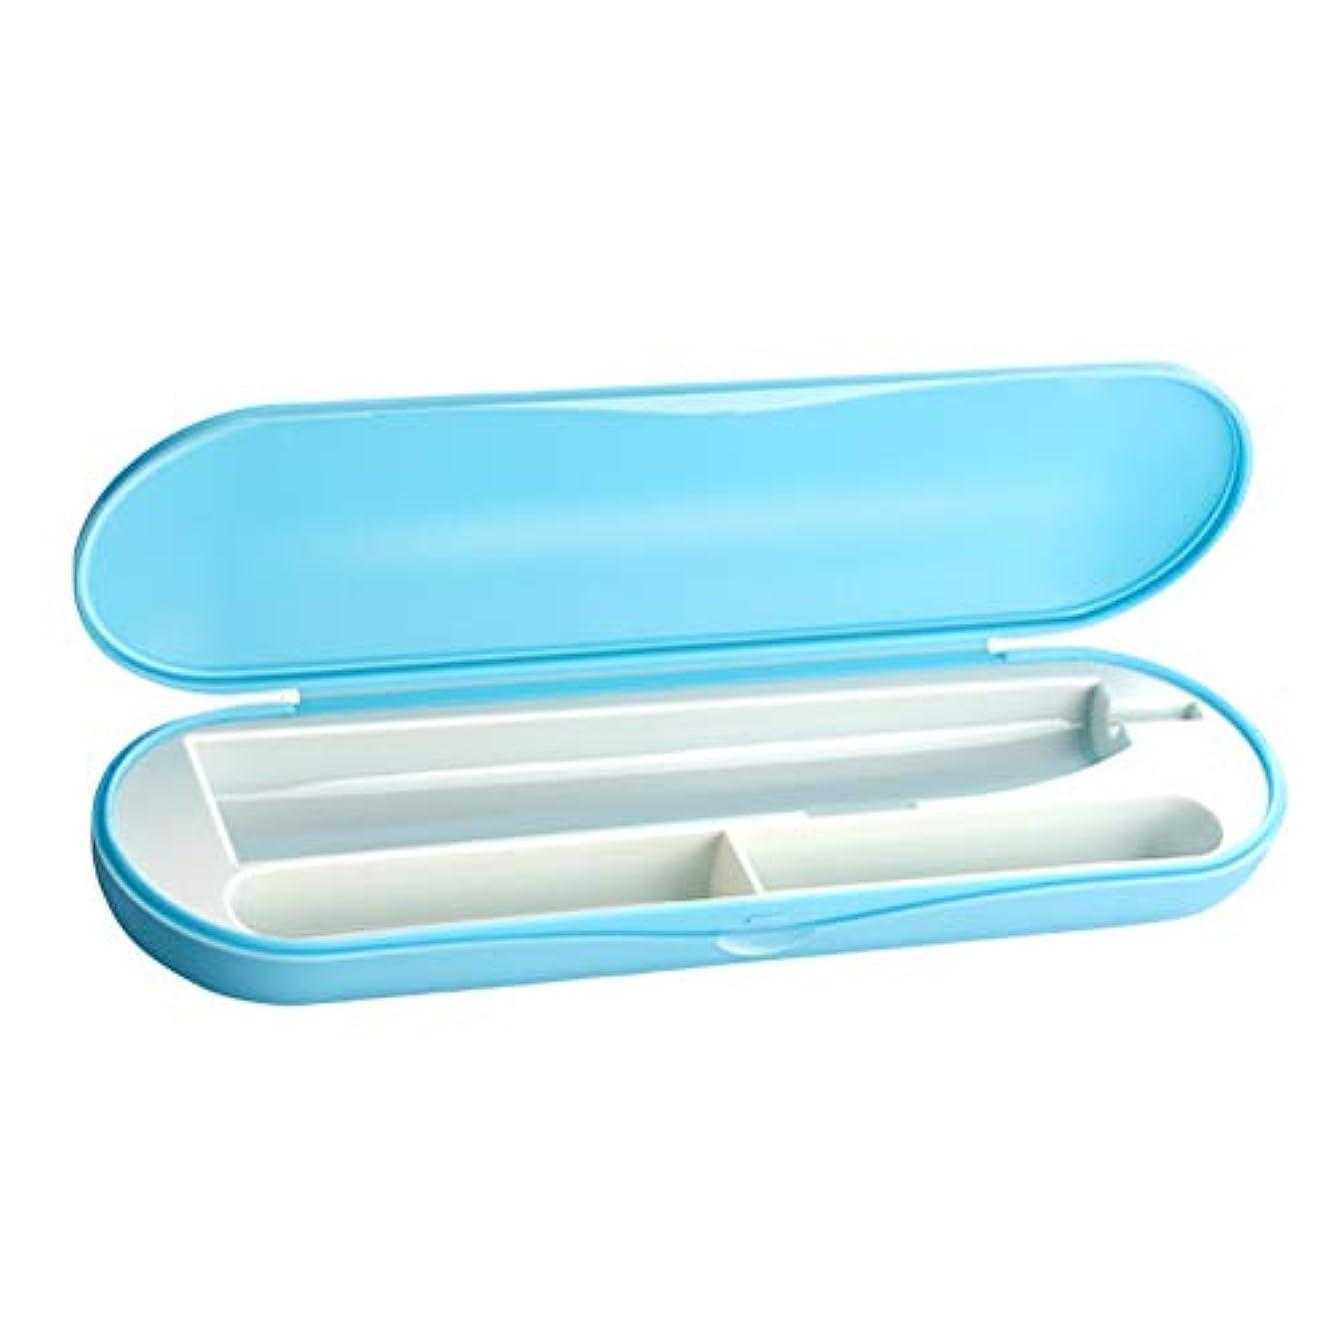 協力税金制限Healifty ポータブル電動歯ブラシケース歯磨き粉旅行キャンプ収納ホルダーボックス(ブルー)